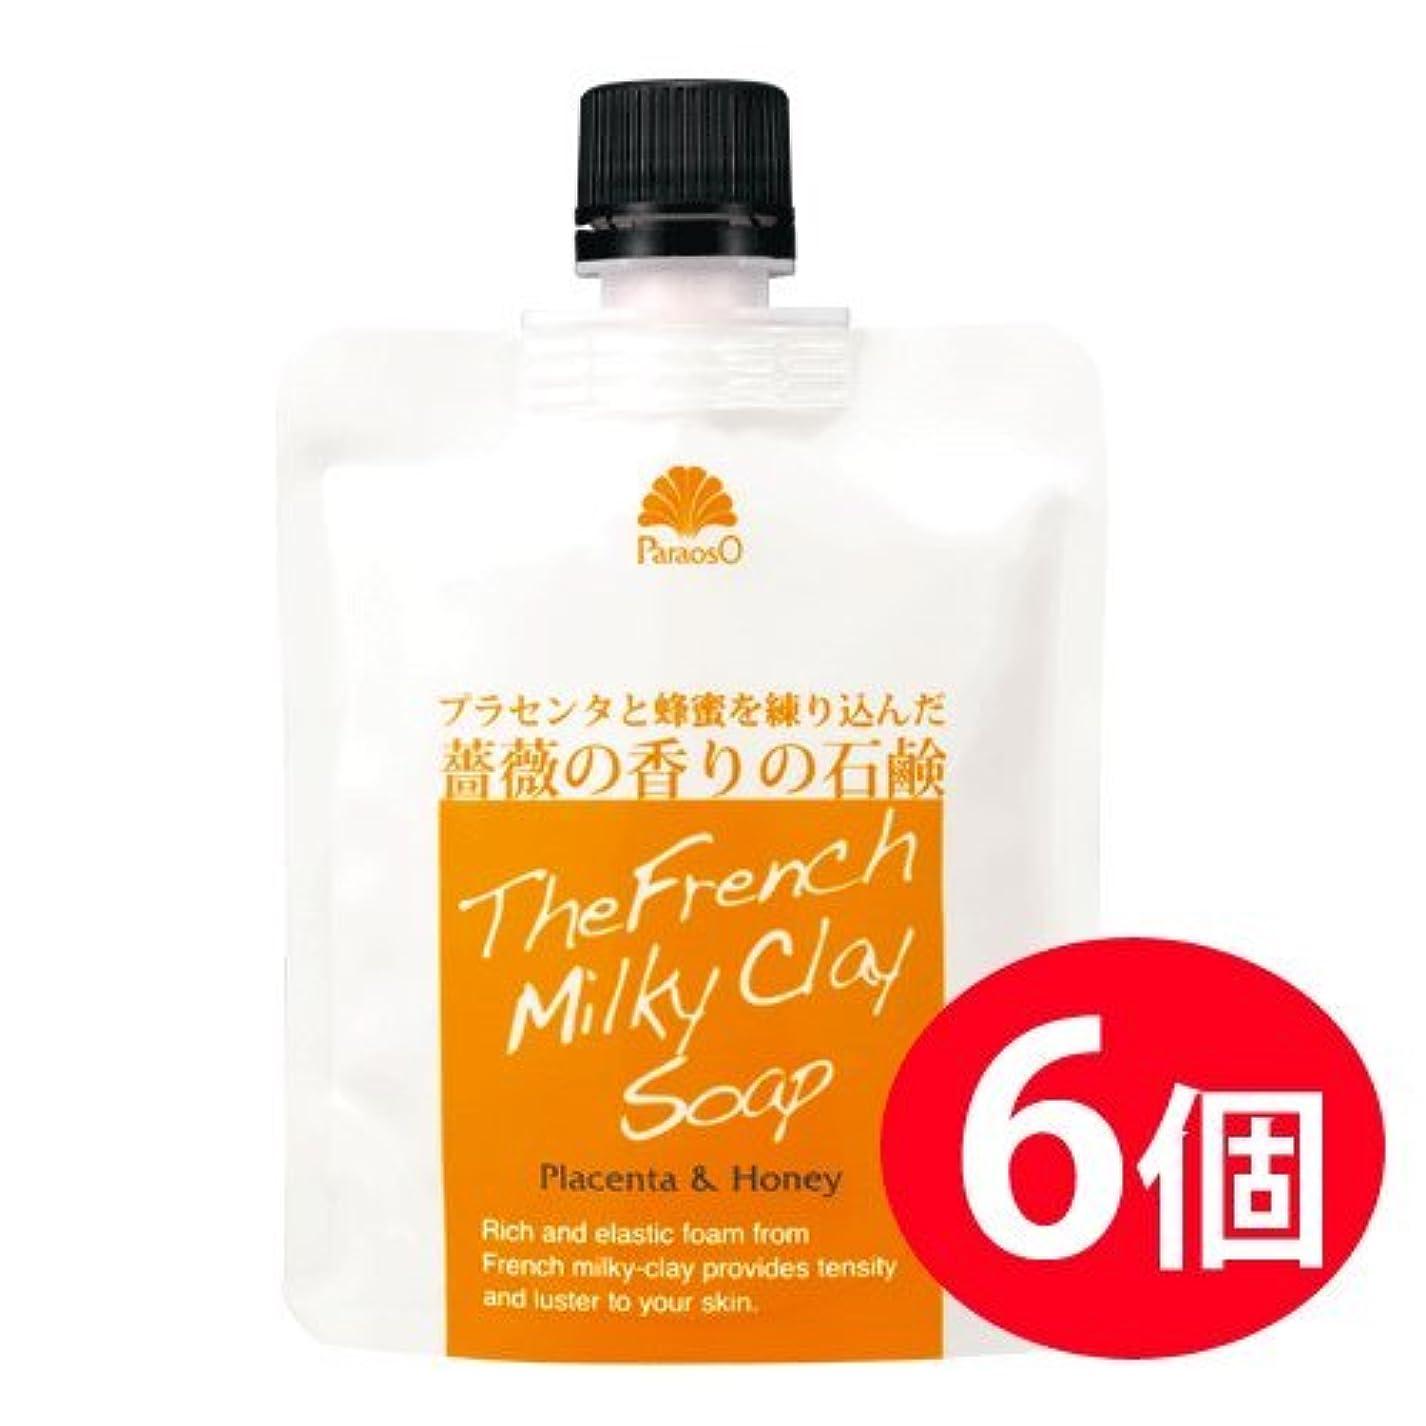 認めるアルミニウム何でもプラセンタと蜂蜜を練り込んだ薔薇の香りの生石鹸 パラオソフレンチクレイソープ 6個